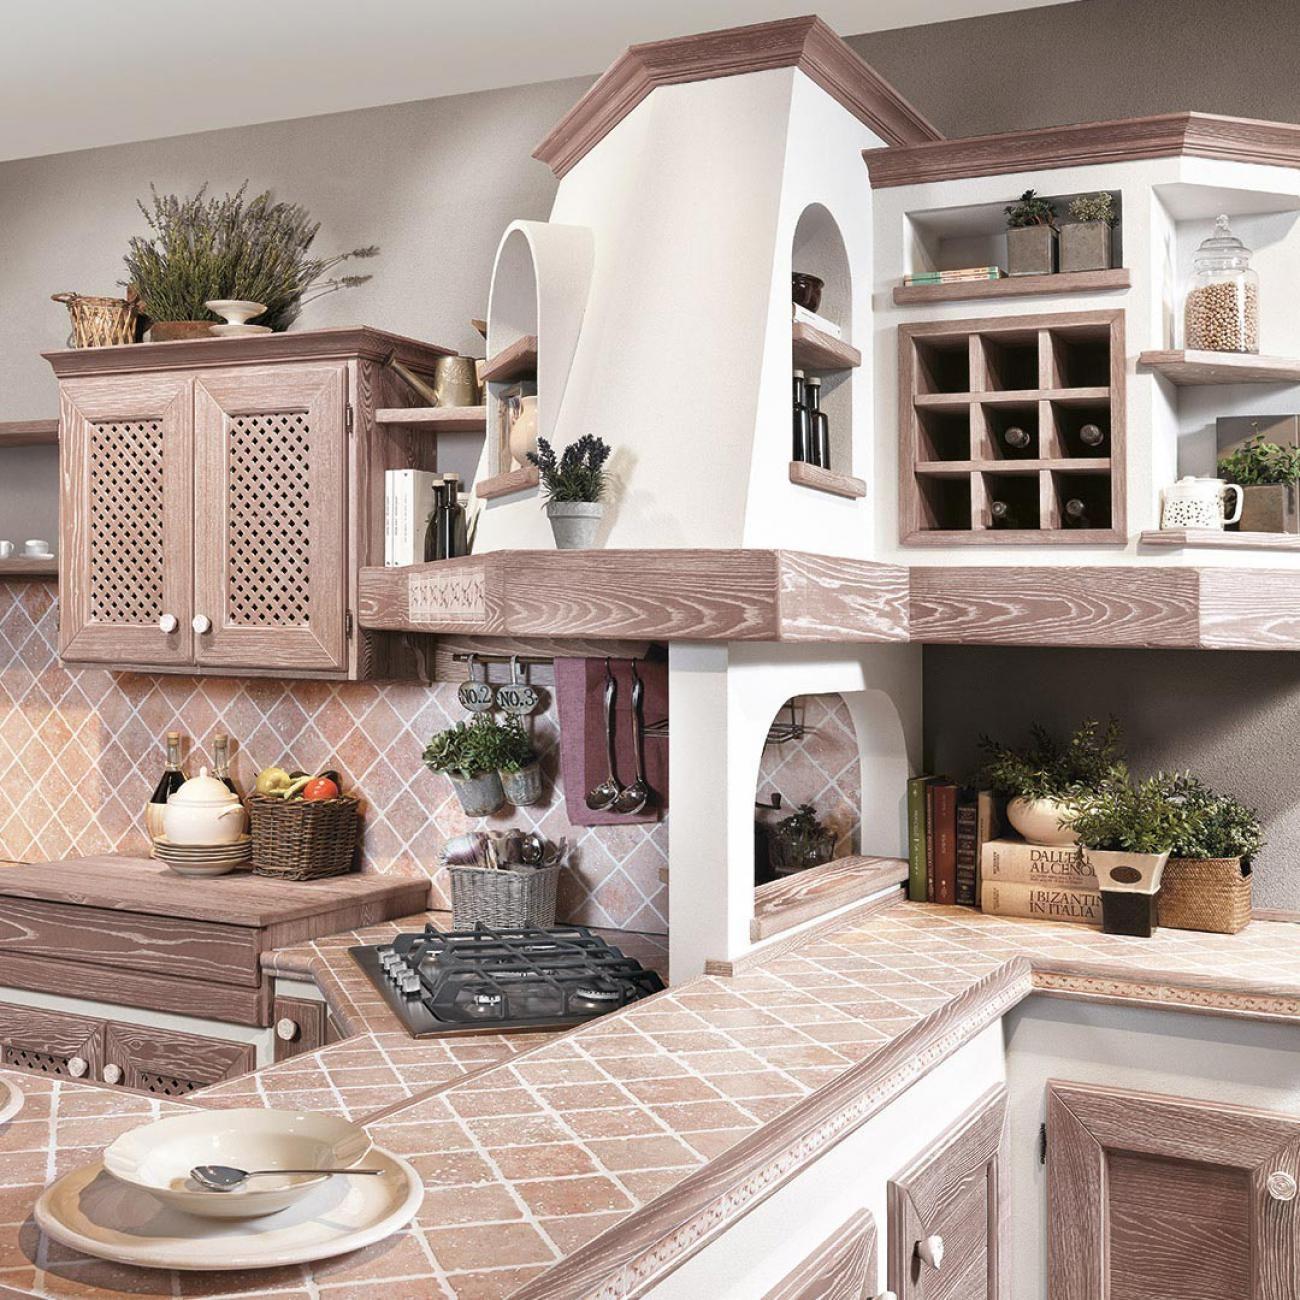 Luisa - Cucine Borgo Antico - Cucine LUBE nel 2020 ...